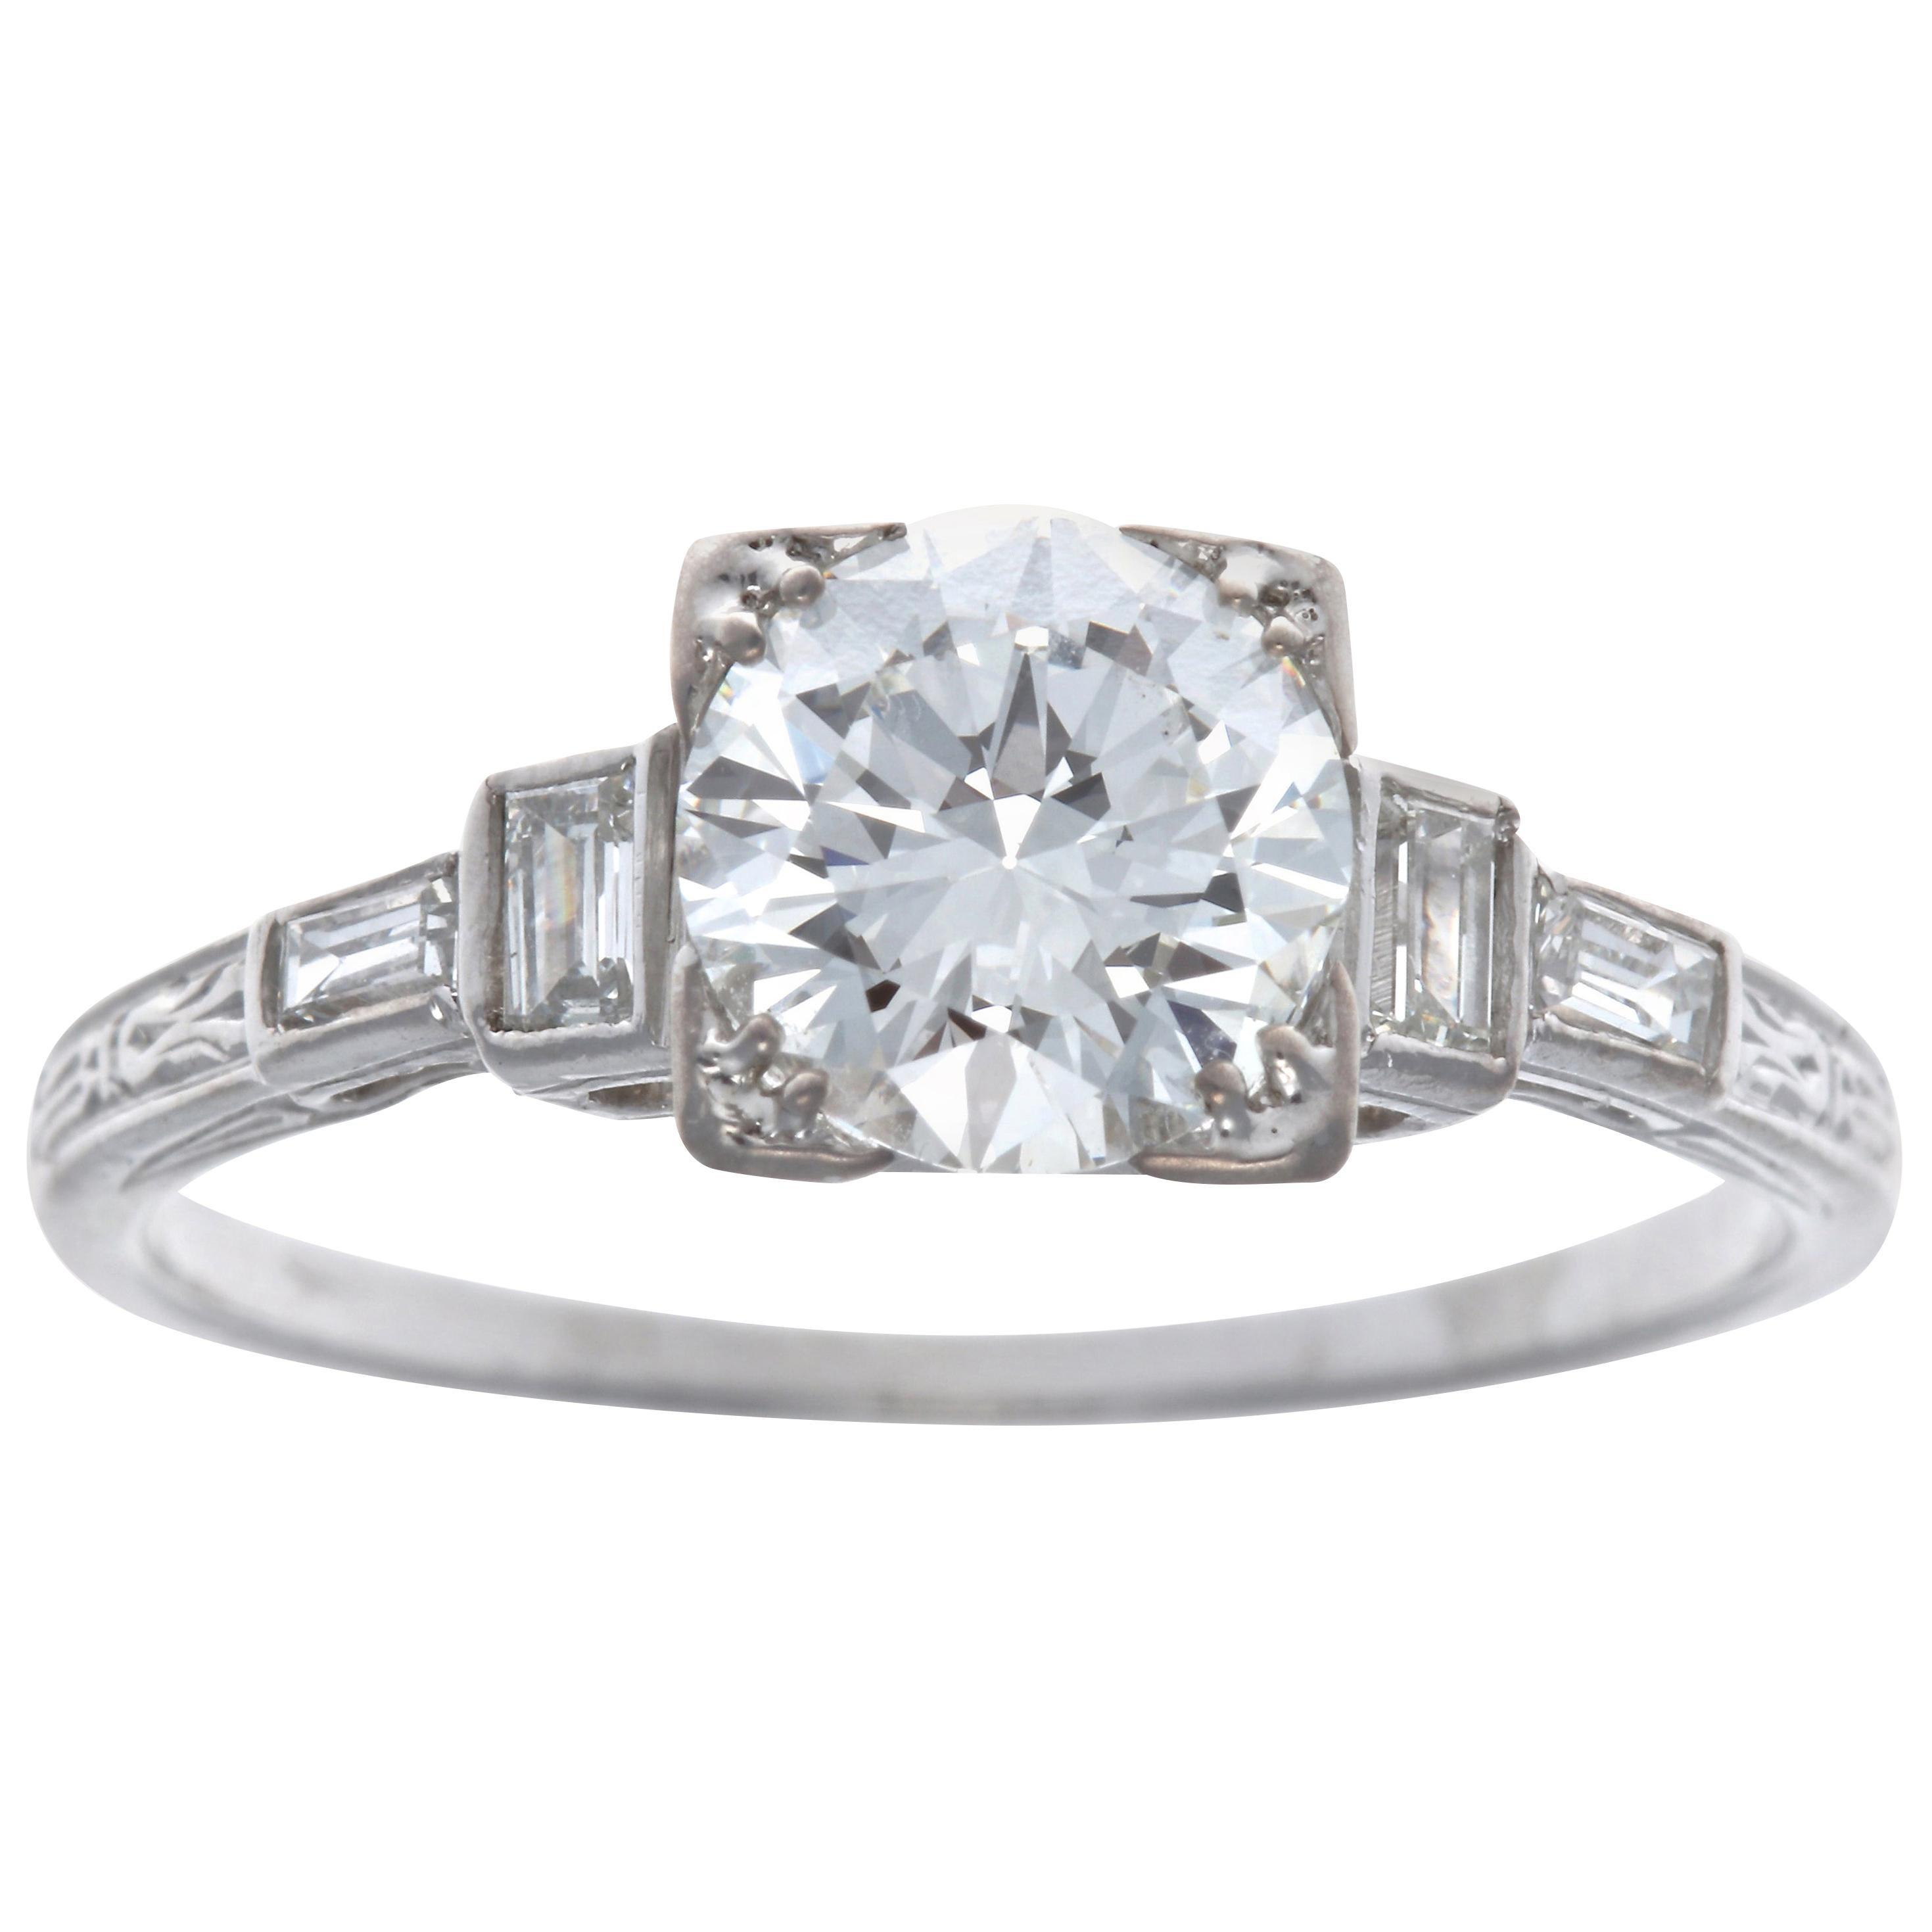 GIA 1.19 Carat Brilliant Cut Diamond Platinum Engagement Ring